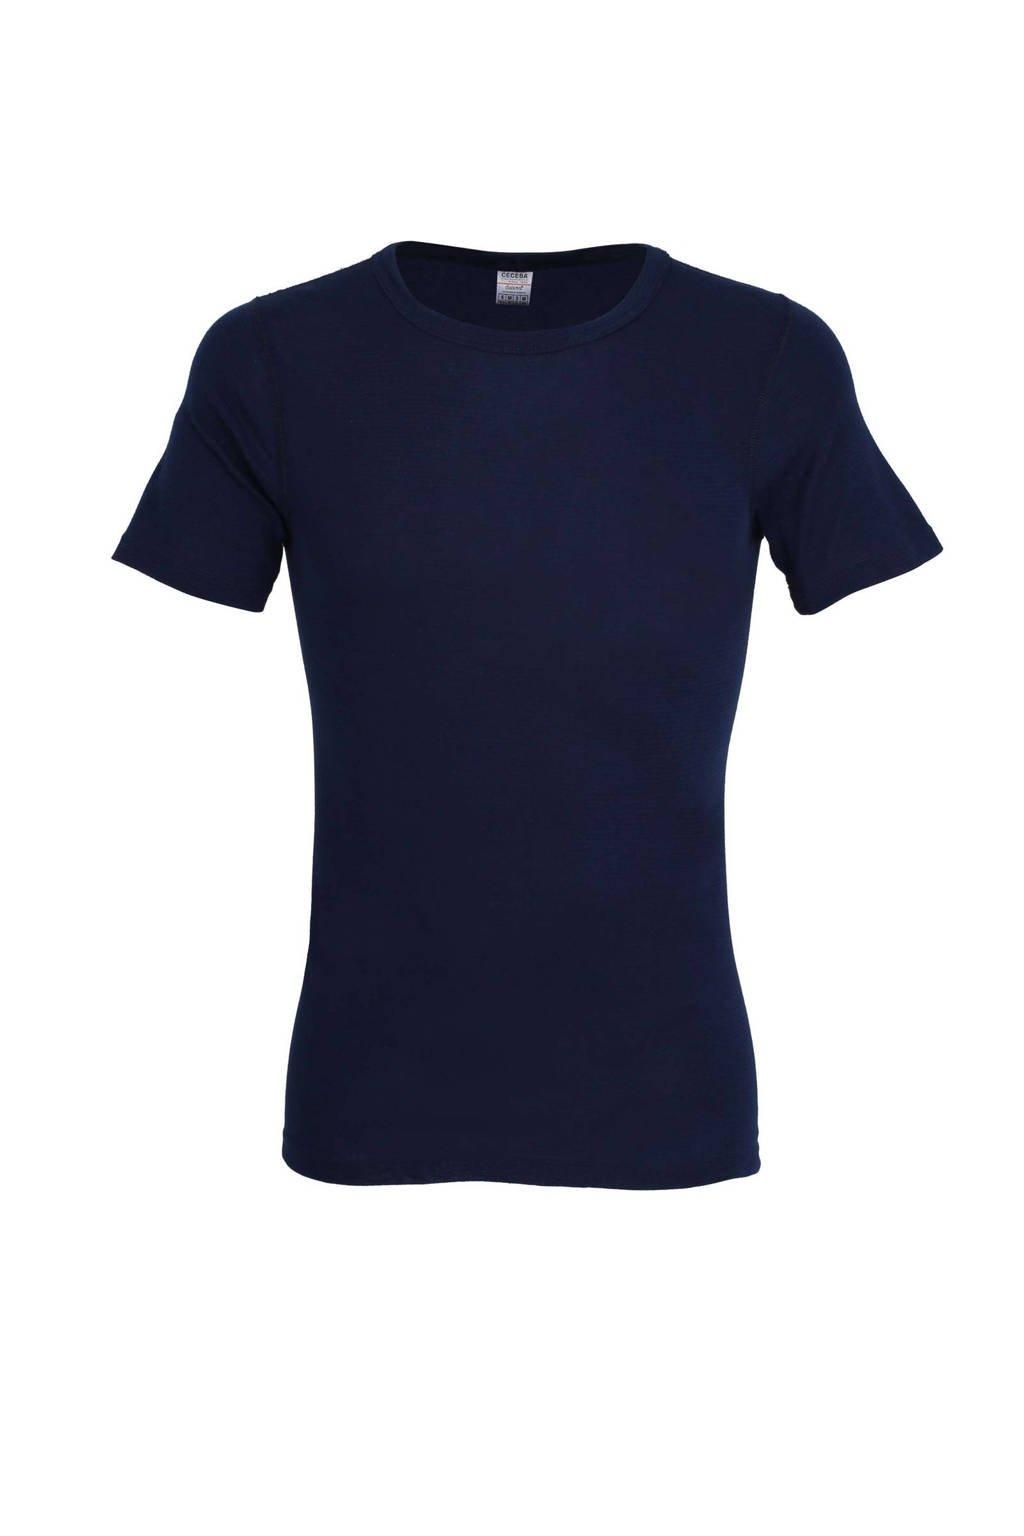 Ceceba thermo T-shirt donkerblauw, Donkerblauw